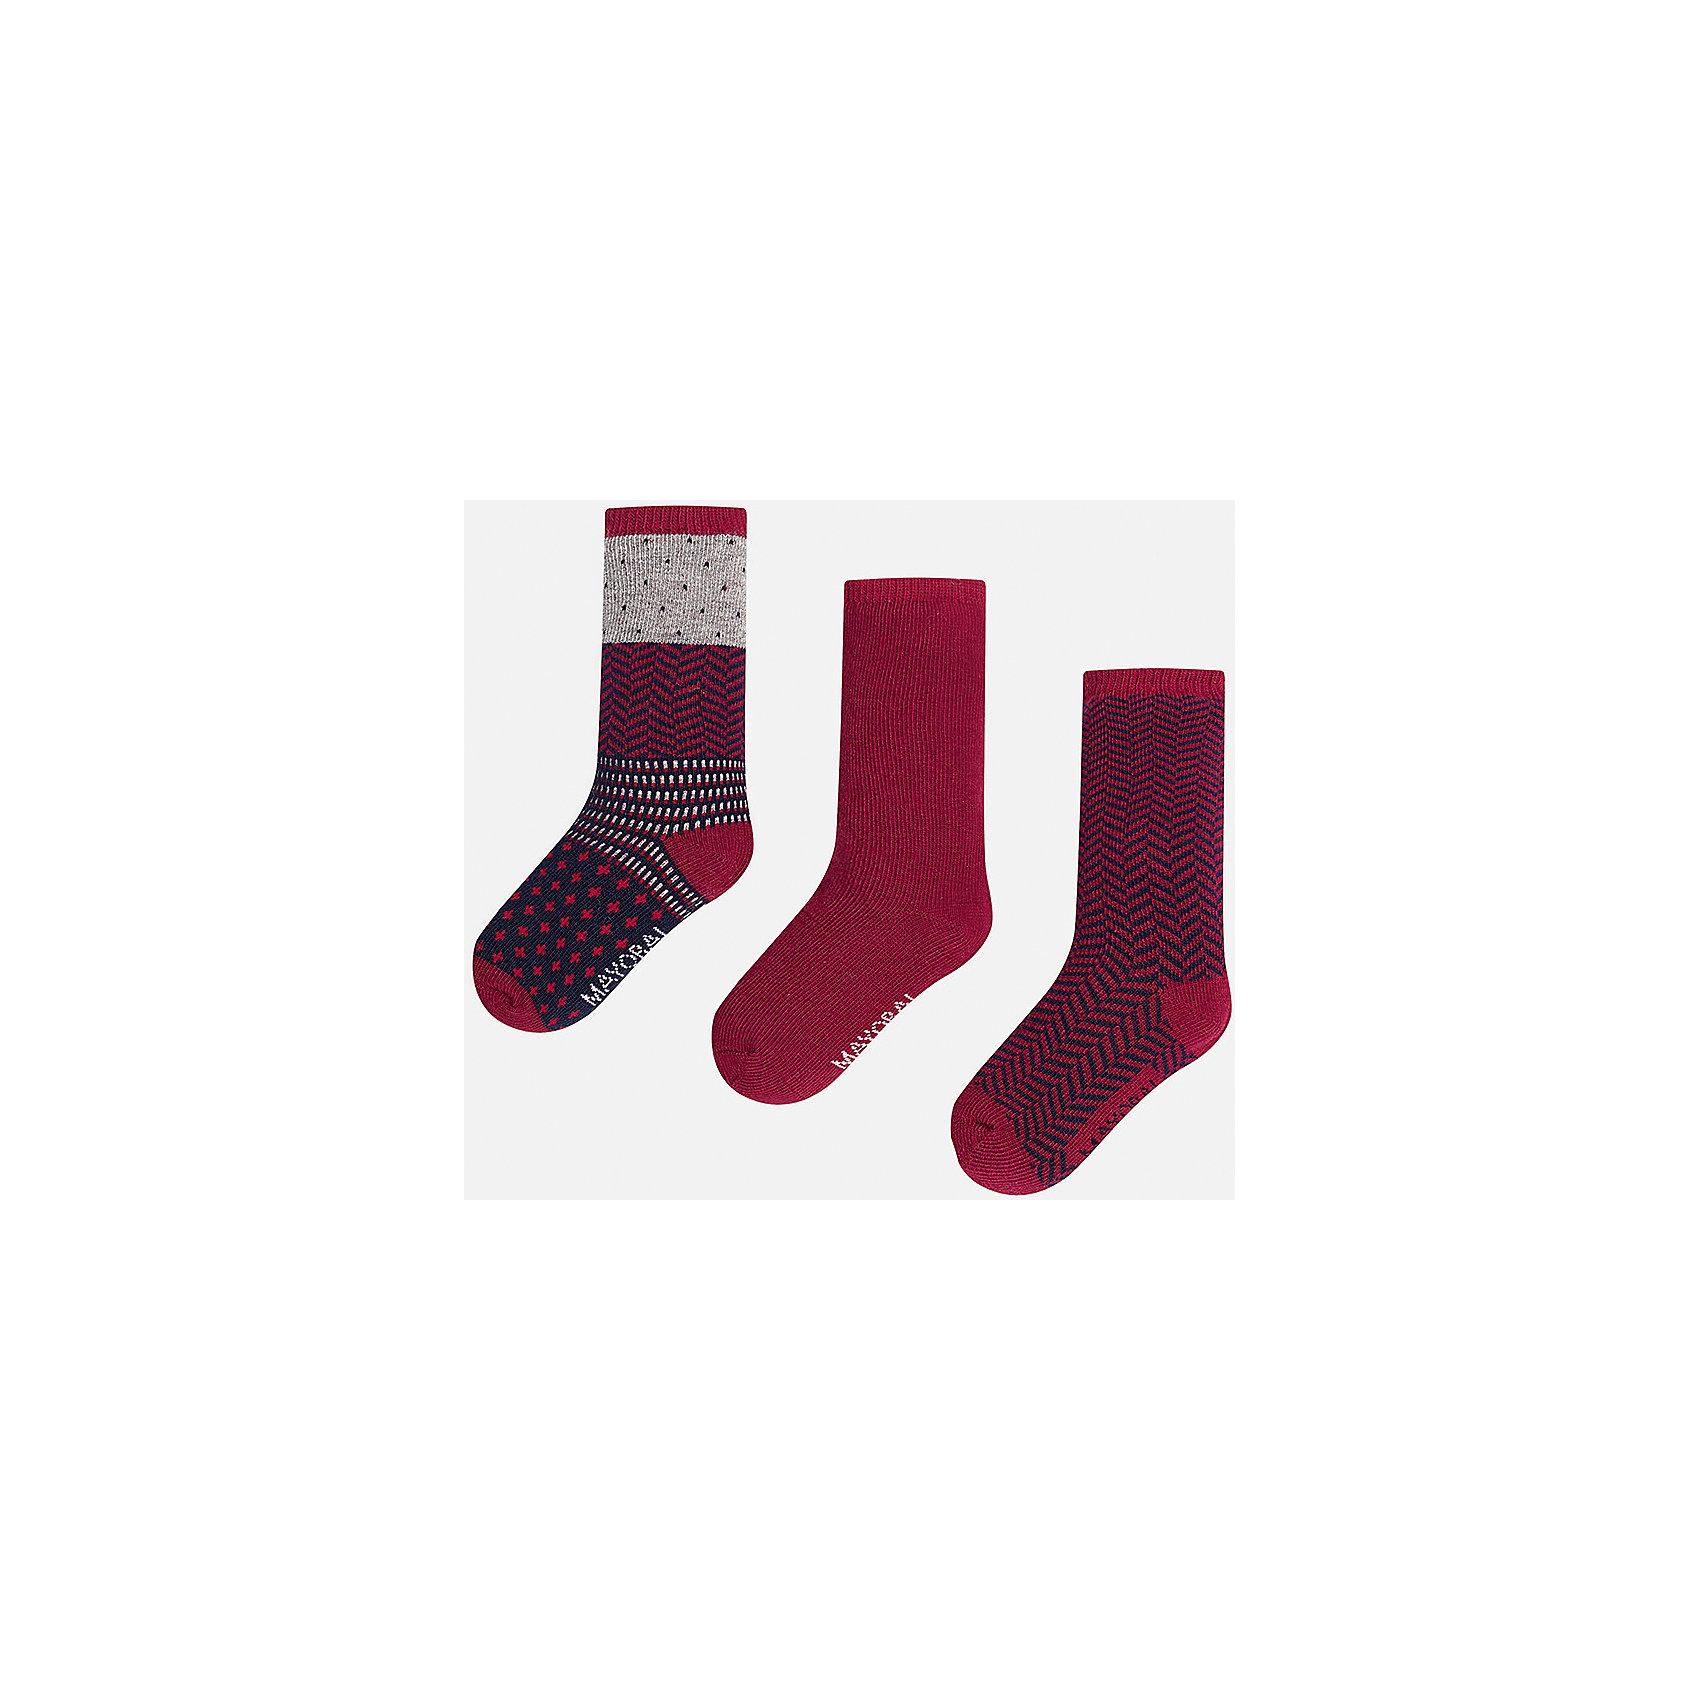 Mayoral Комплект:3 пары носков для мальчика Mayoral набор твое комплект носков